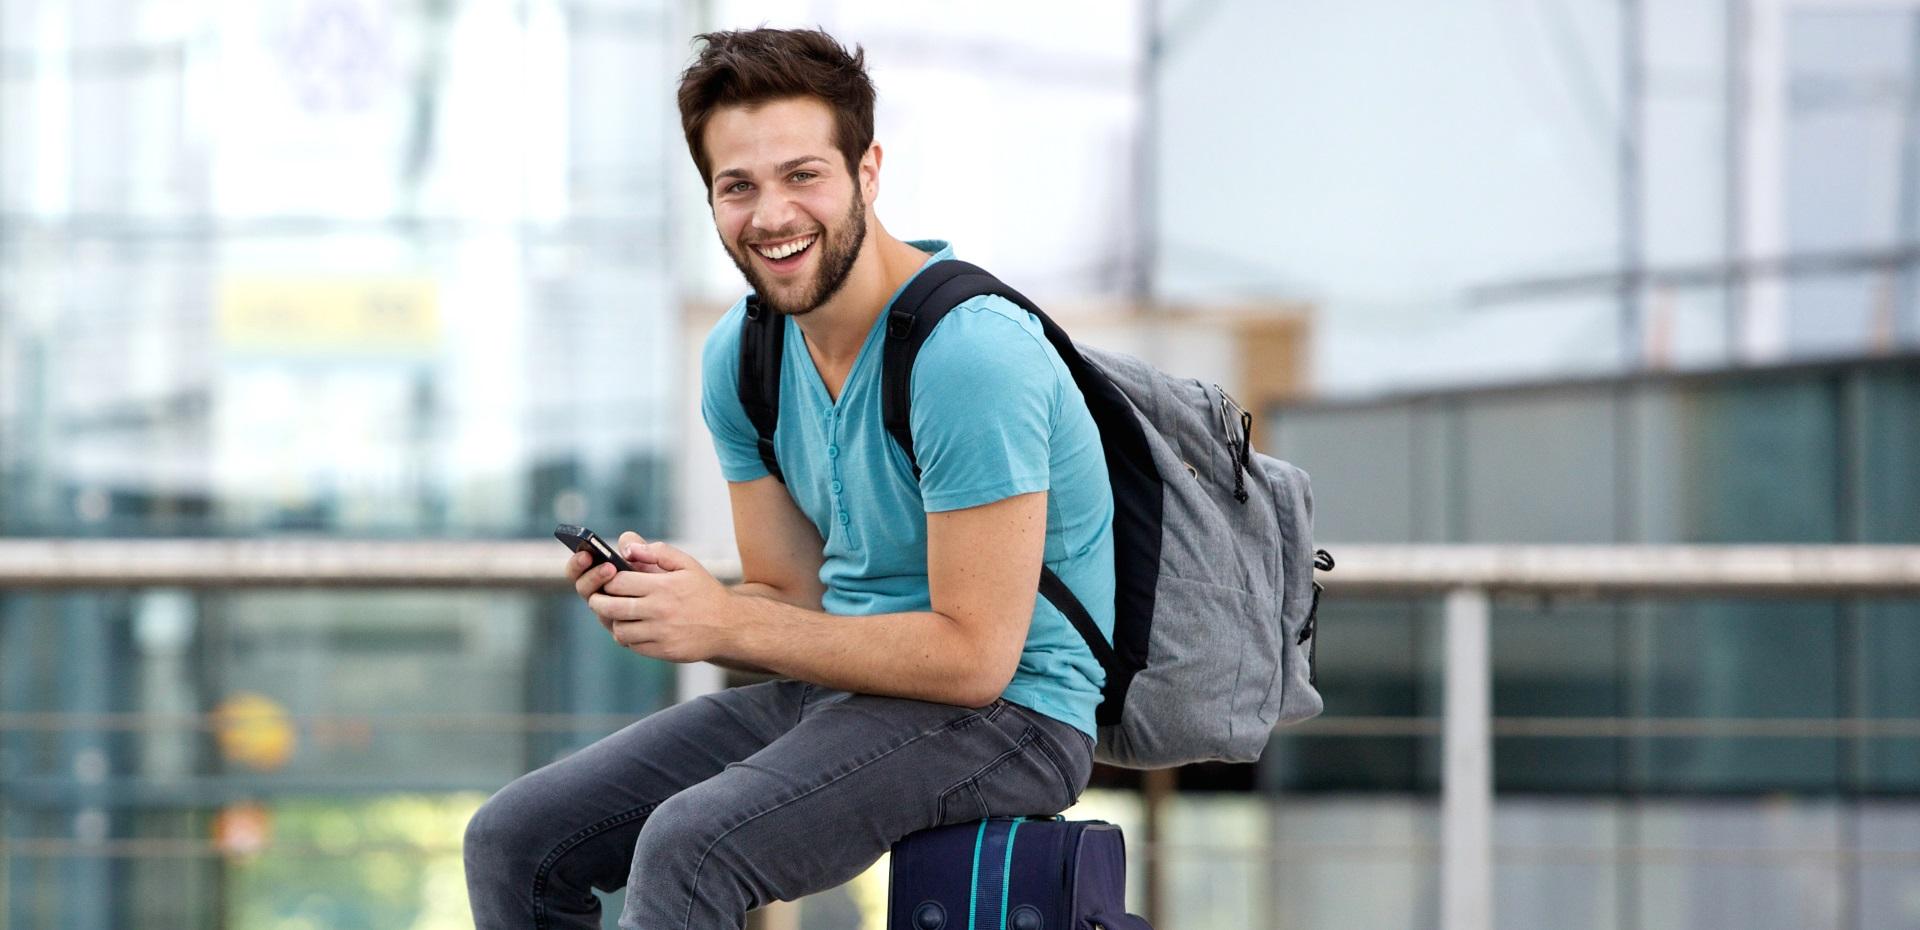 Junger Mann sitzt reisebereit auf einem Koffer